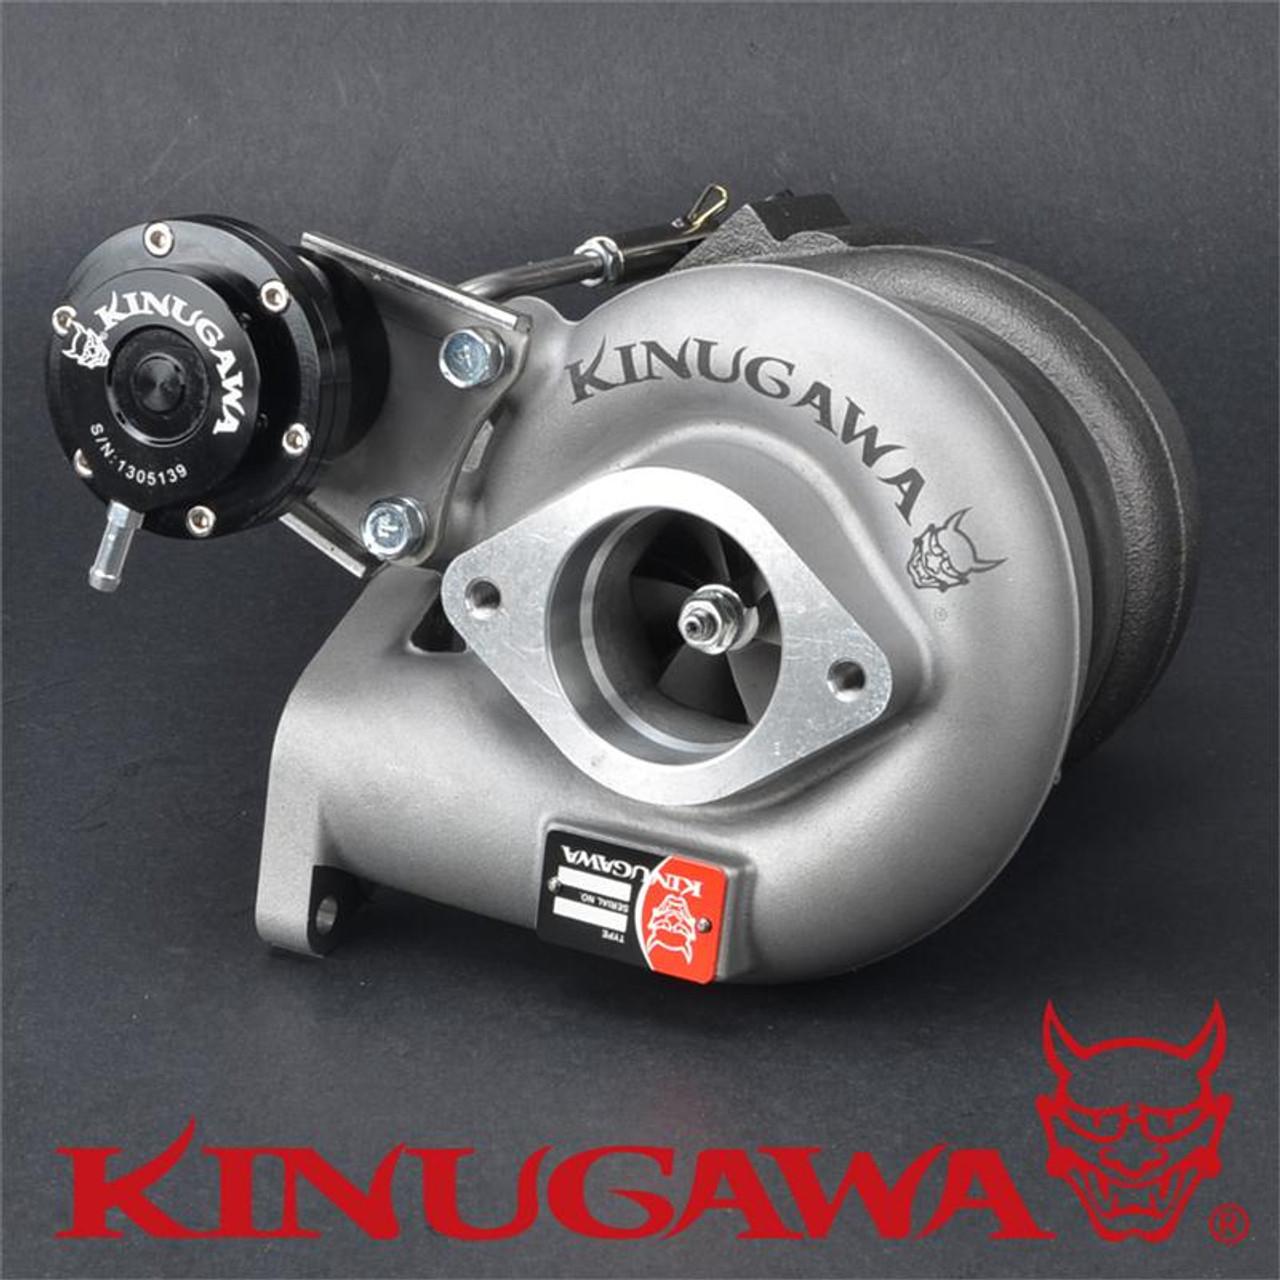 Kinugawa Twin Turbocharger Kit Bolt-On TD05H-16G Nissan Skyline GT-R RB26DETT